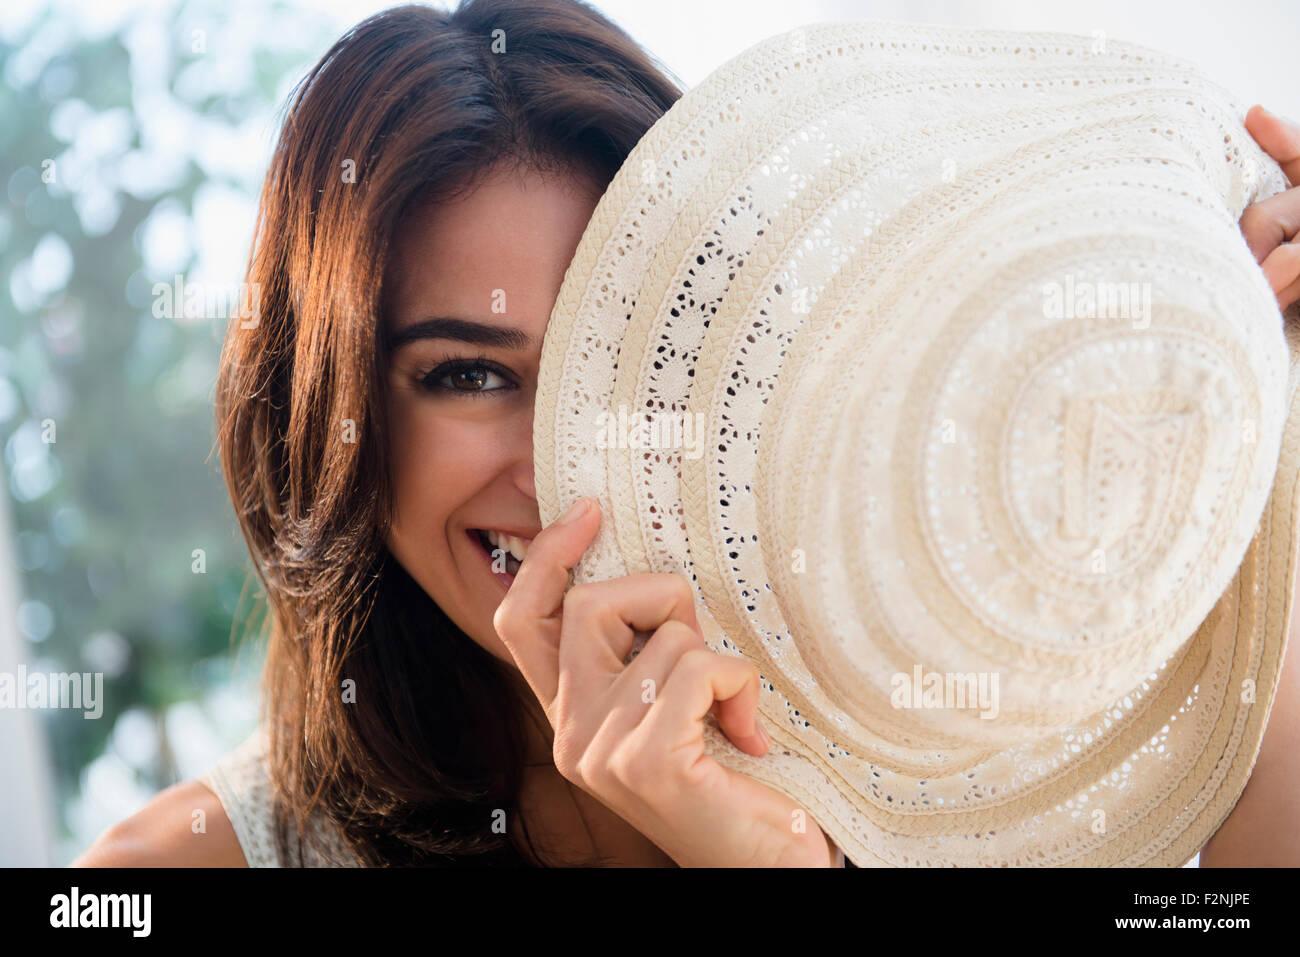 Cerca de mujer escondiéndose detrás de sombrero para el sol Foto de stock